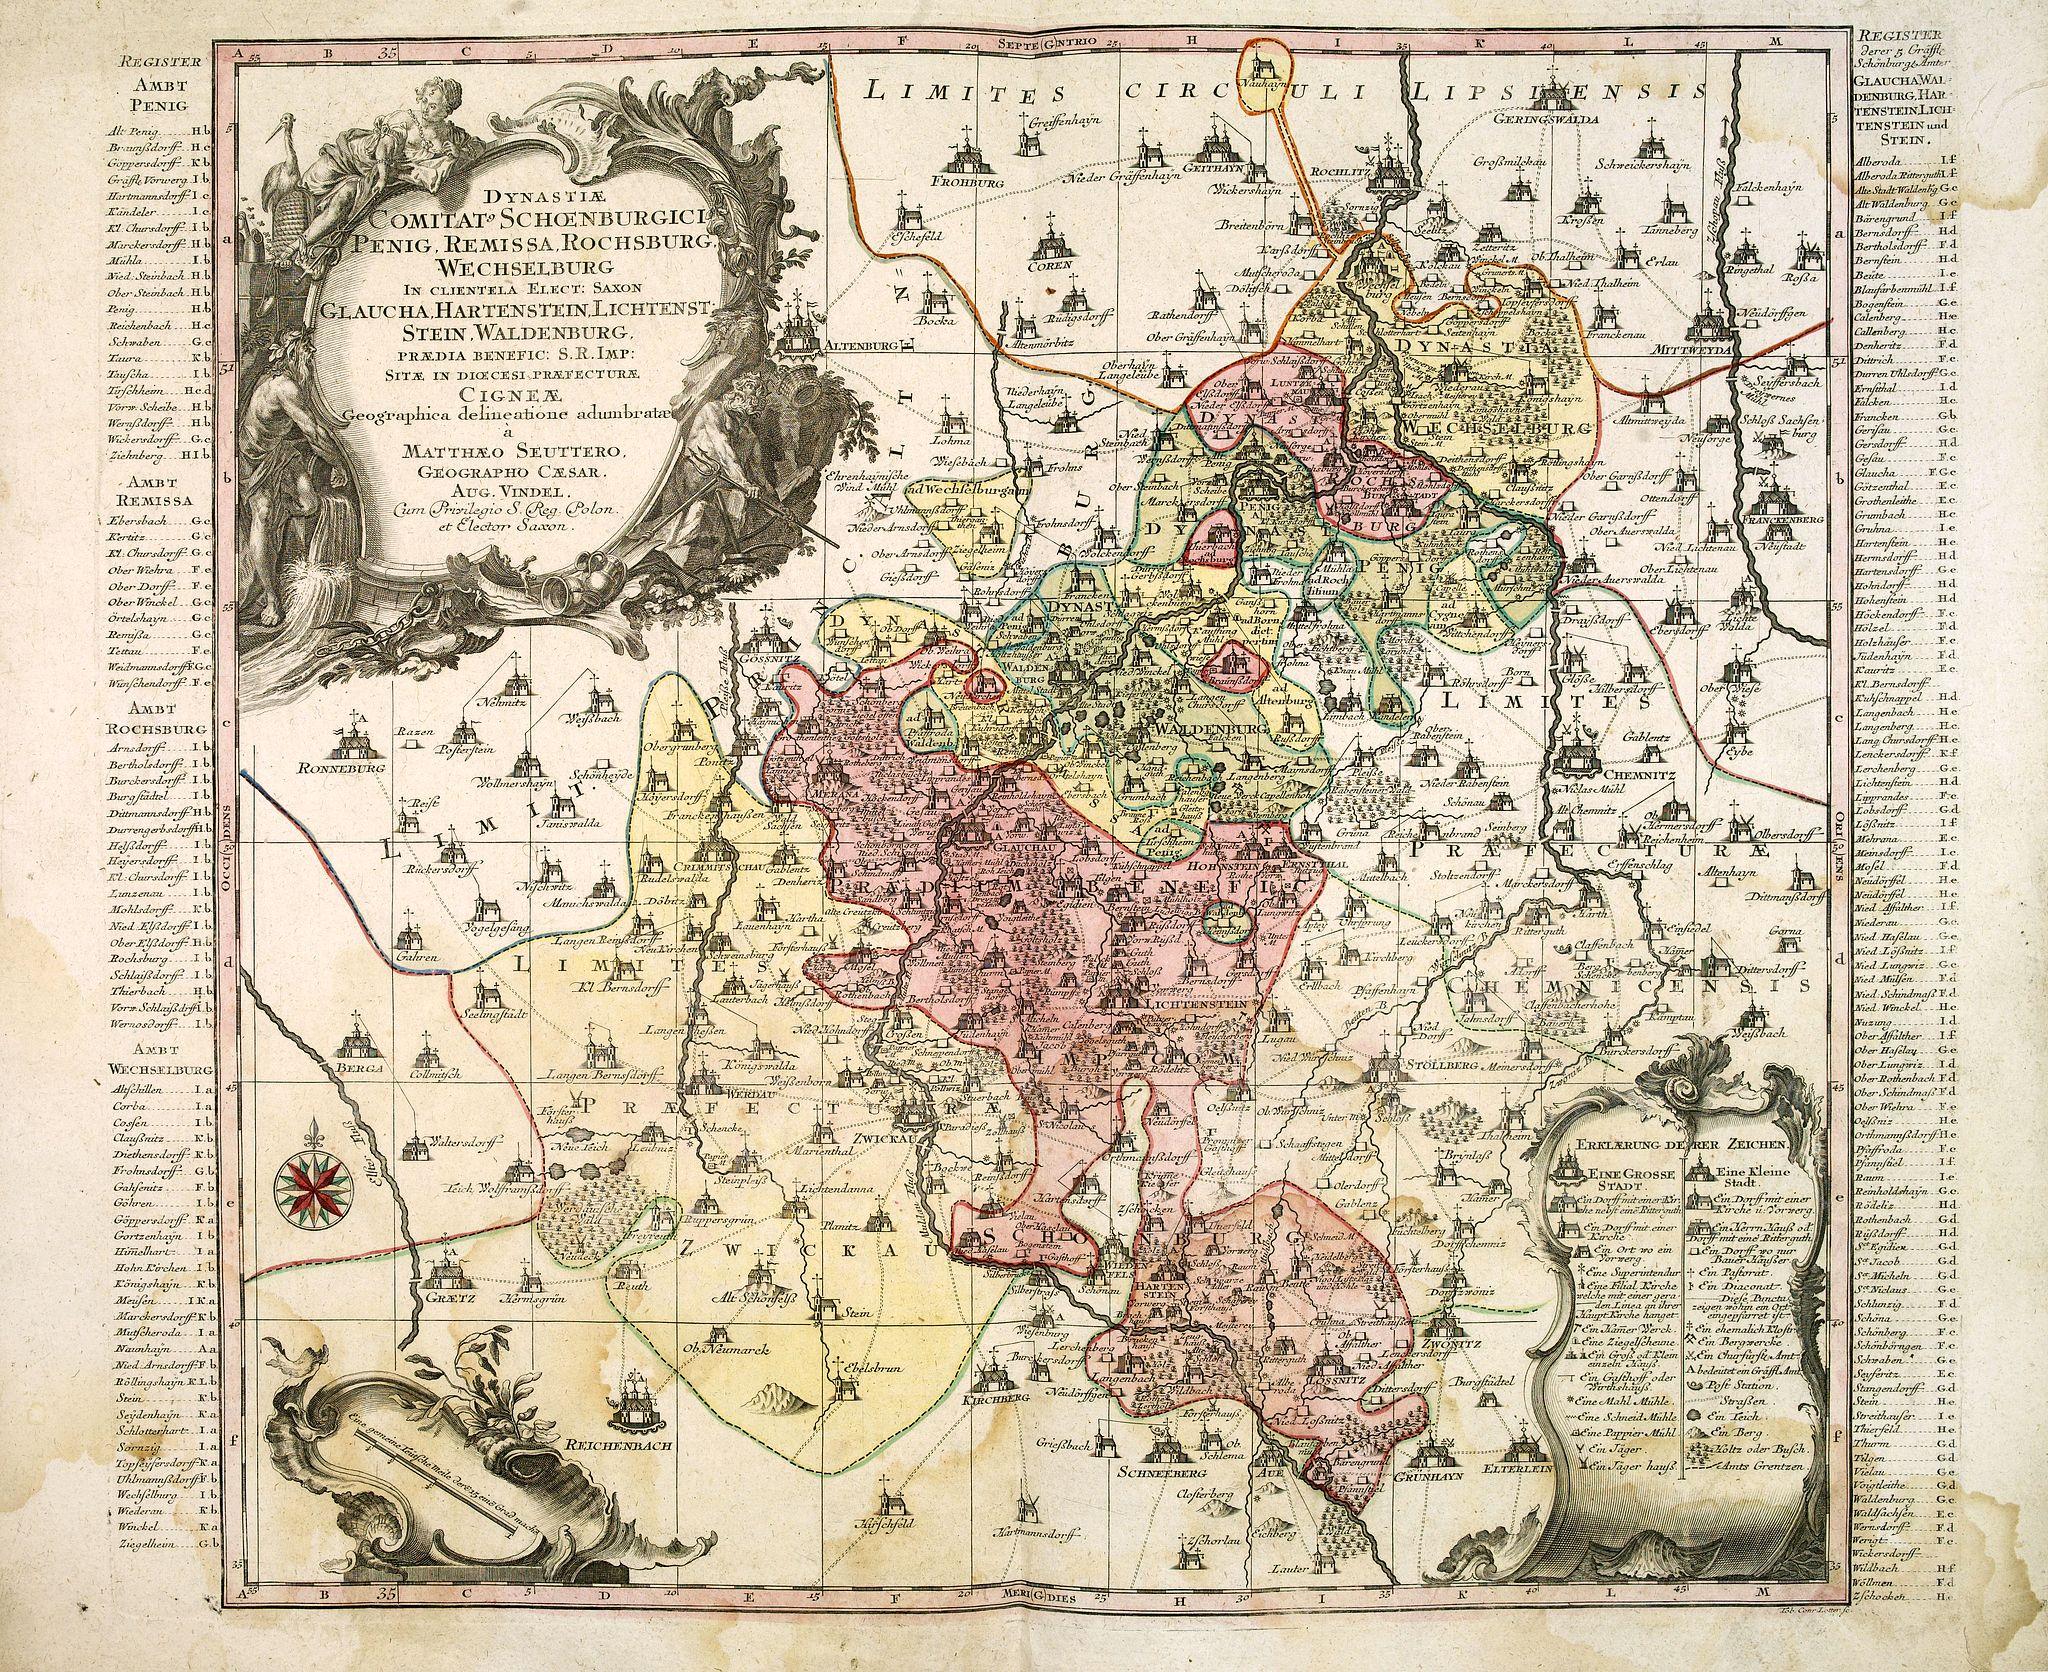 SEUTTER, M. -  Dynastiae Comitat. Schoenburgici Penig, Remissa, Rochsburg, Wechselburg In Clientela Elect: Saxon Glaucha, Hartenstein, Lichtenststein, Walkenburg. . .